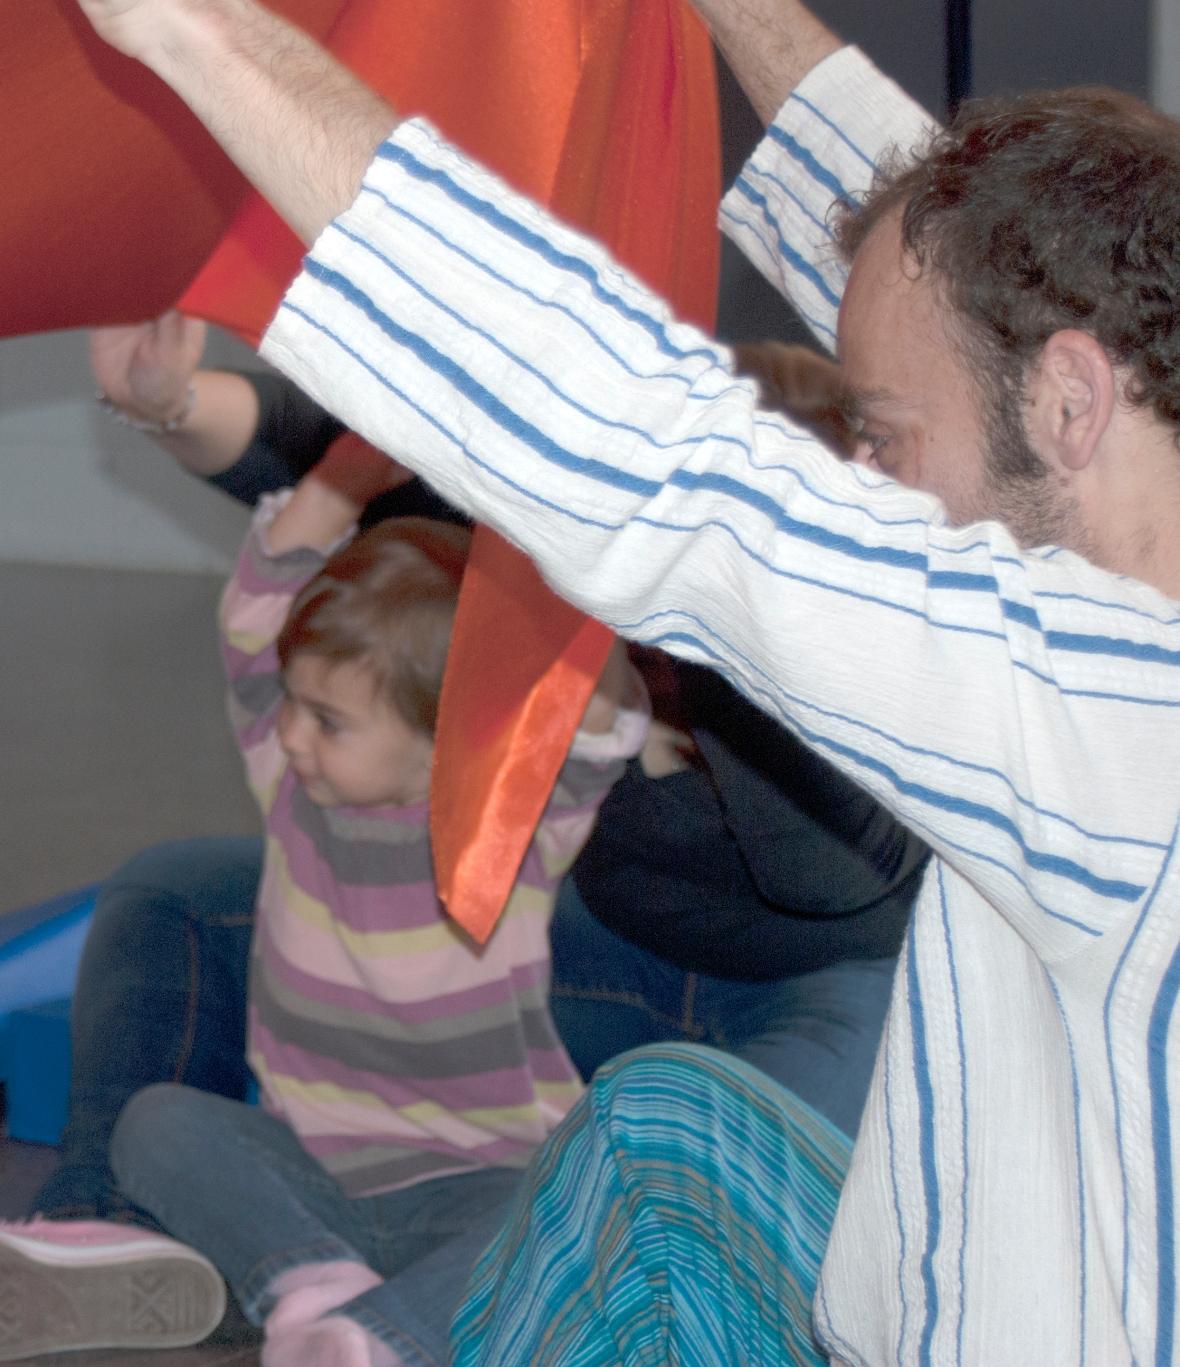 Taller de música per a nadons. Foto: David Llata.